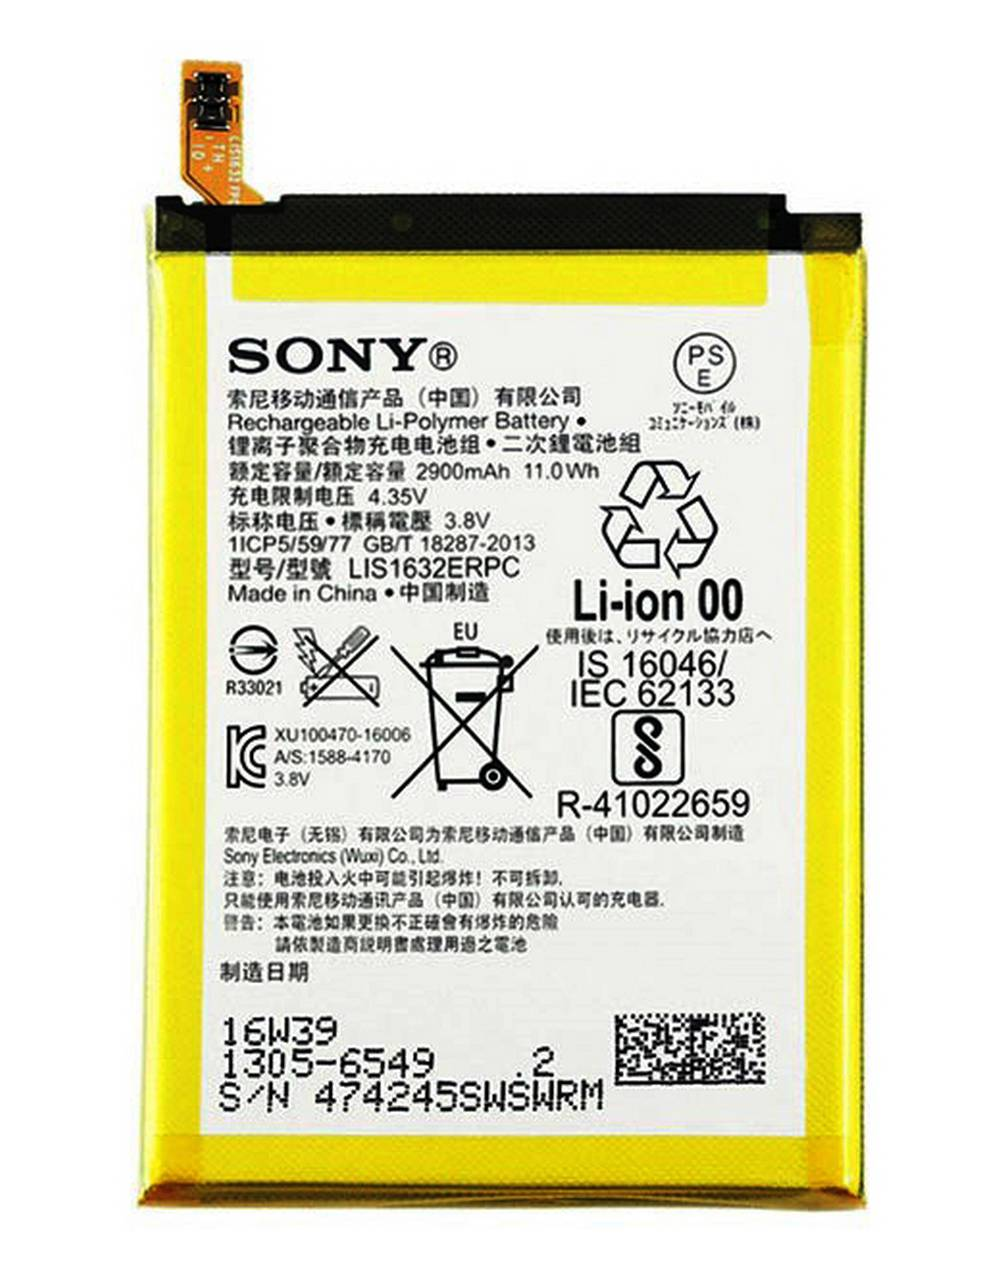 Μπαταρία Sony LIS1632ERPC για Xperia XZ / XZ Dual / XZs Original Bulk 1305-6549